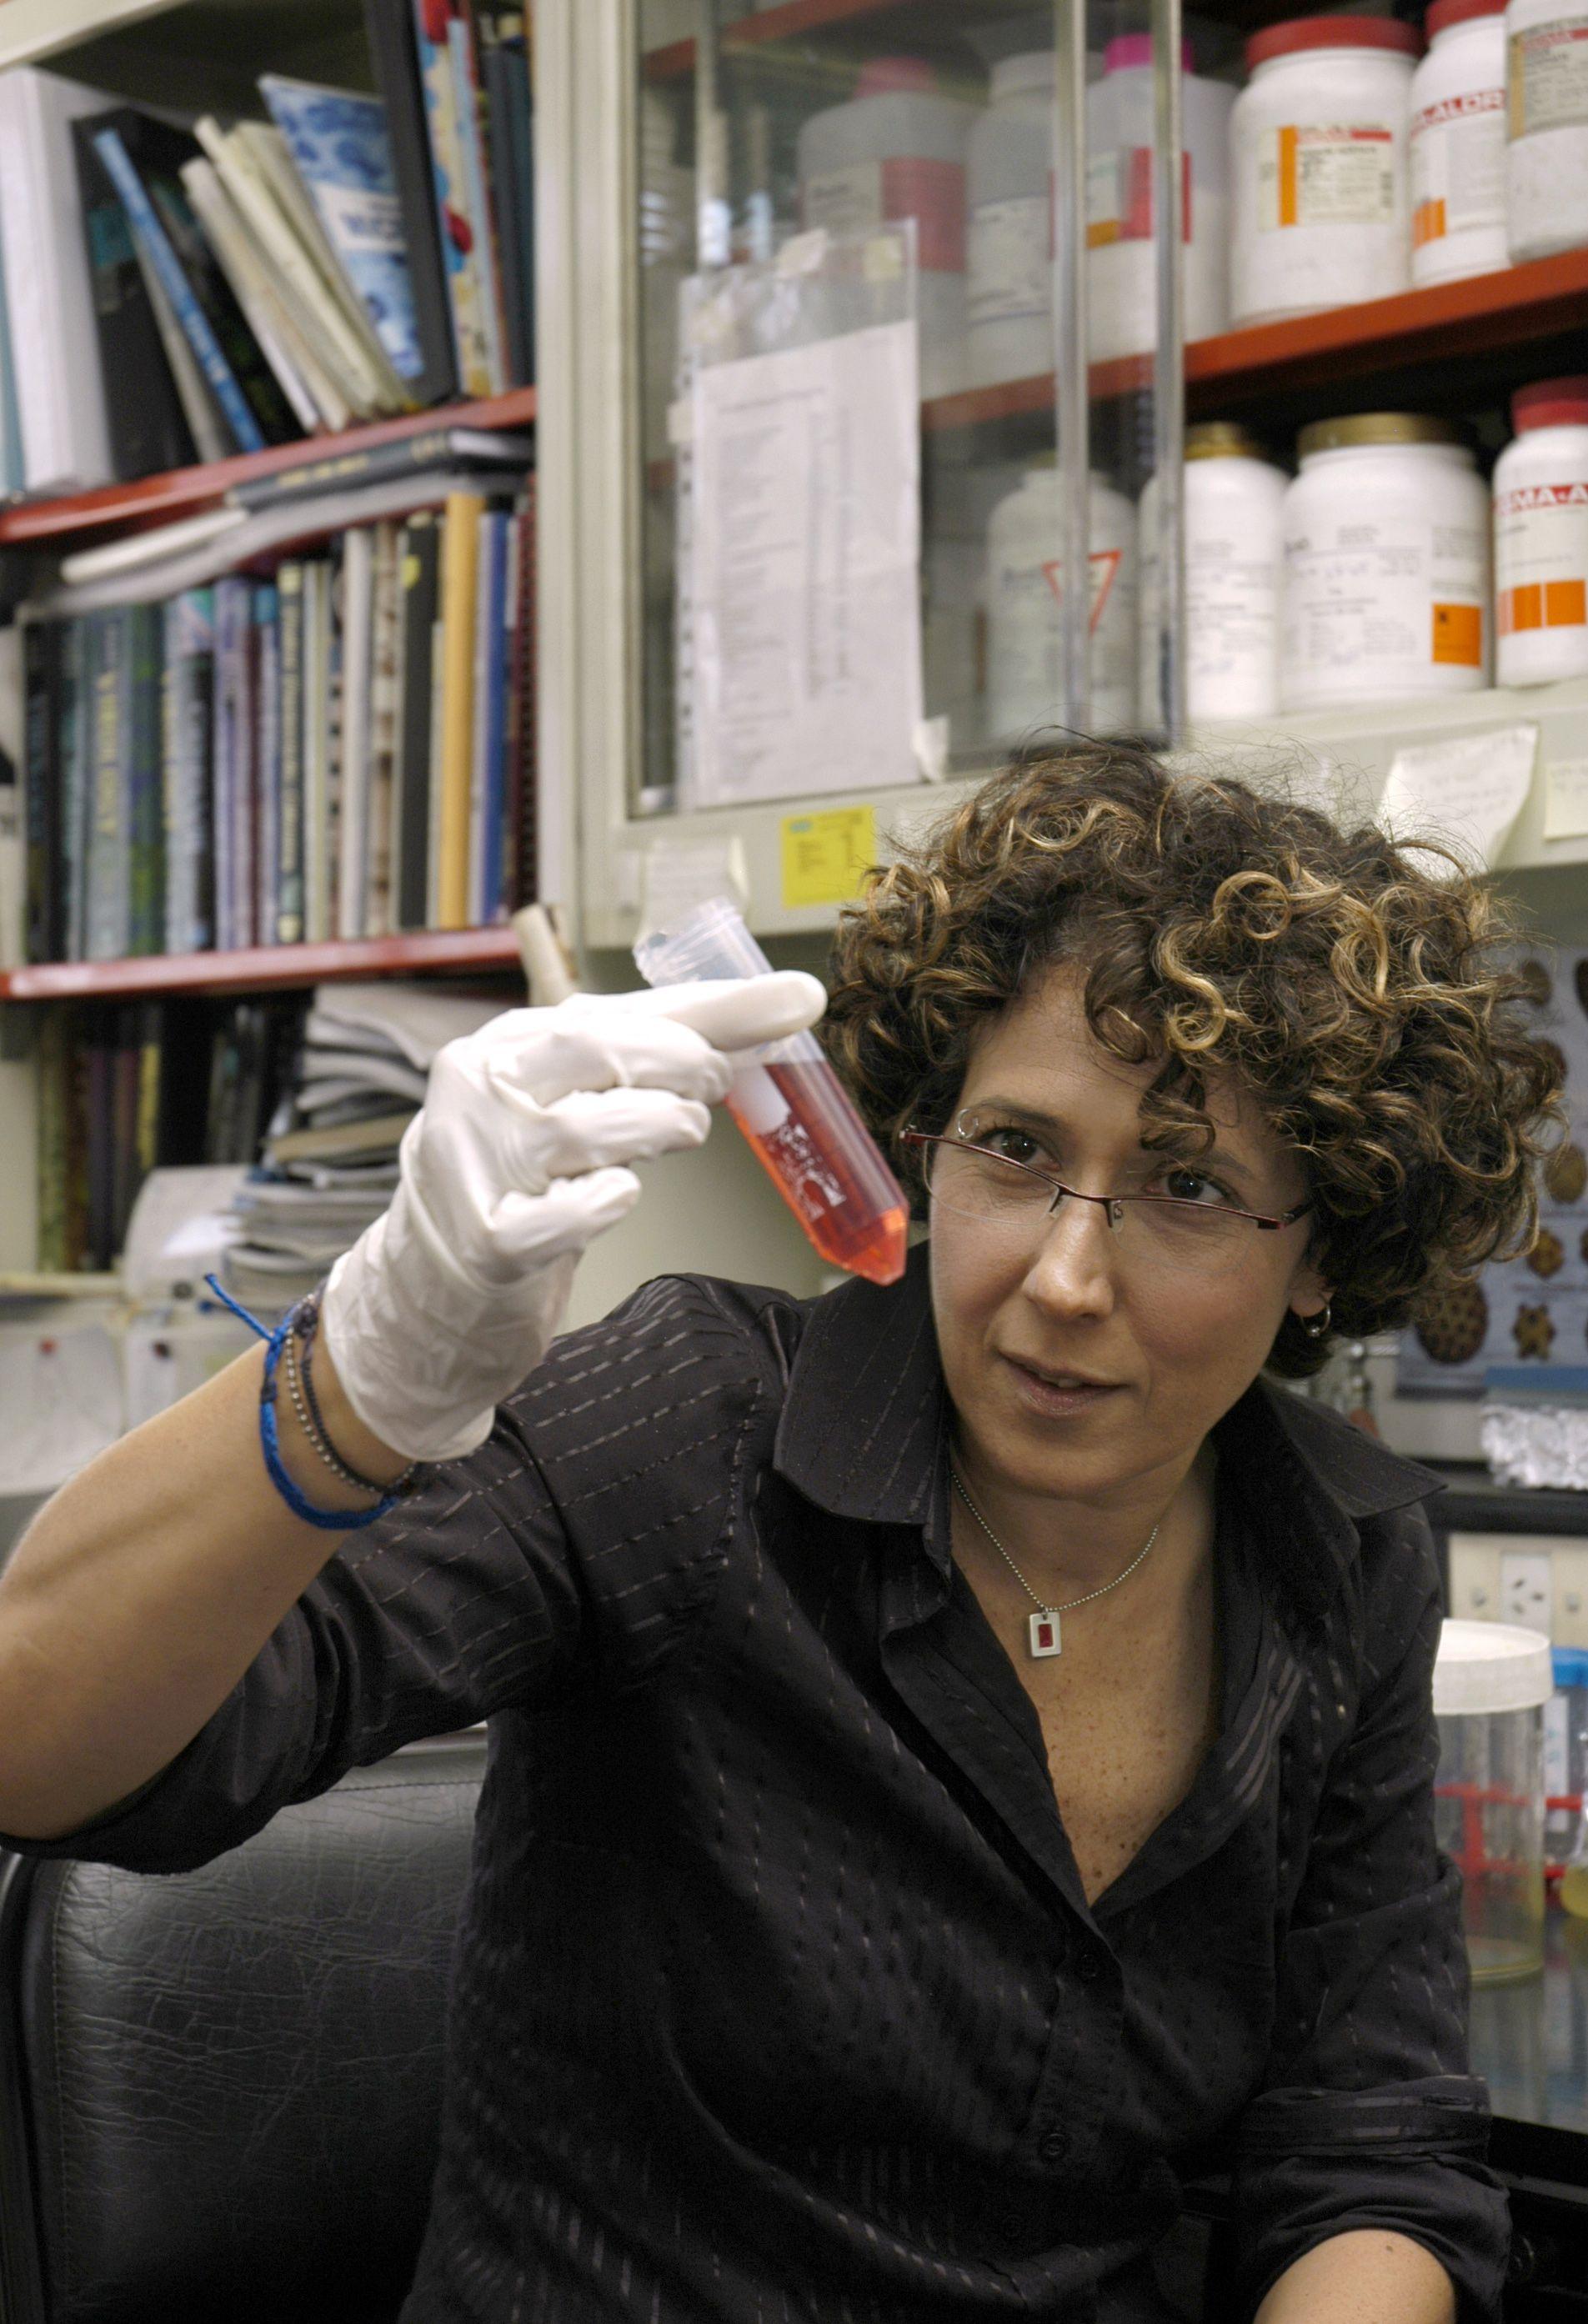 Premian a científica argentina por sus aportes sobre el virus del dengue